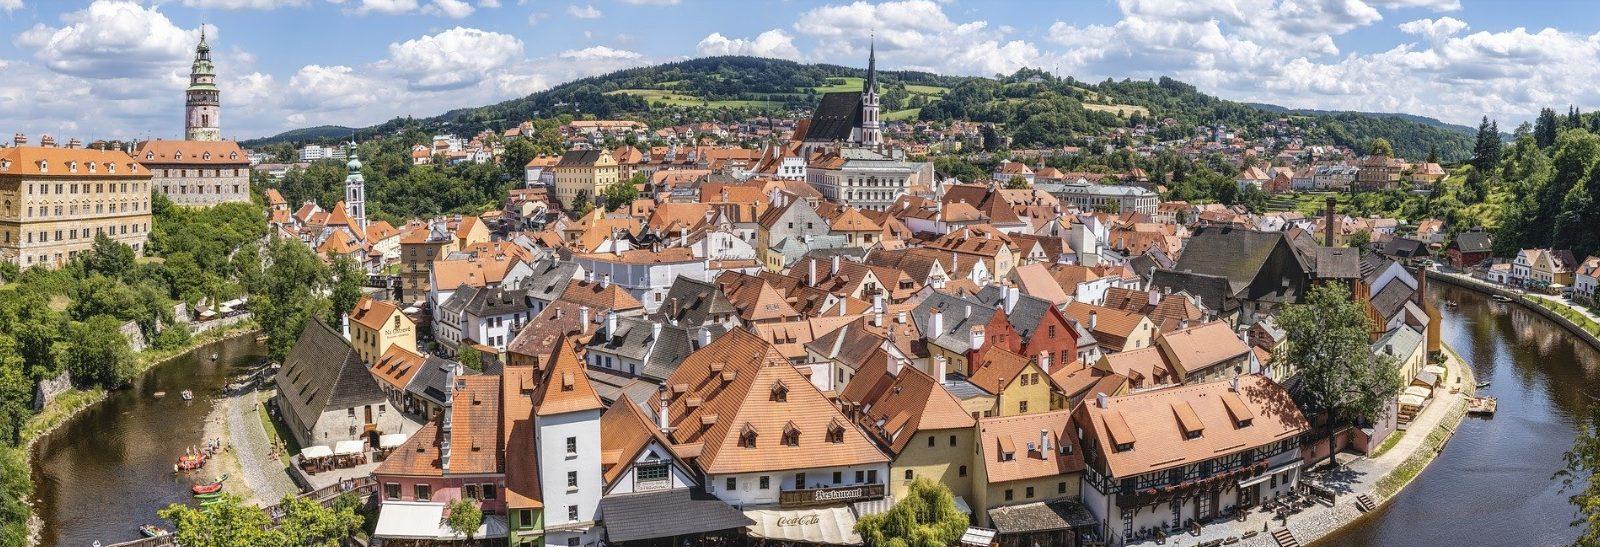 The view of Český Krumlov